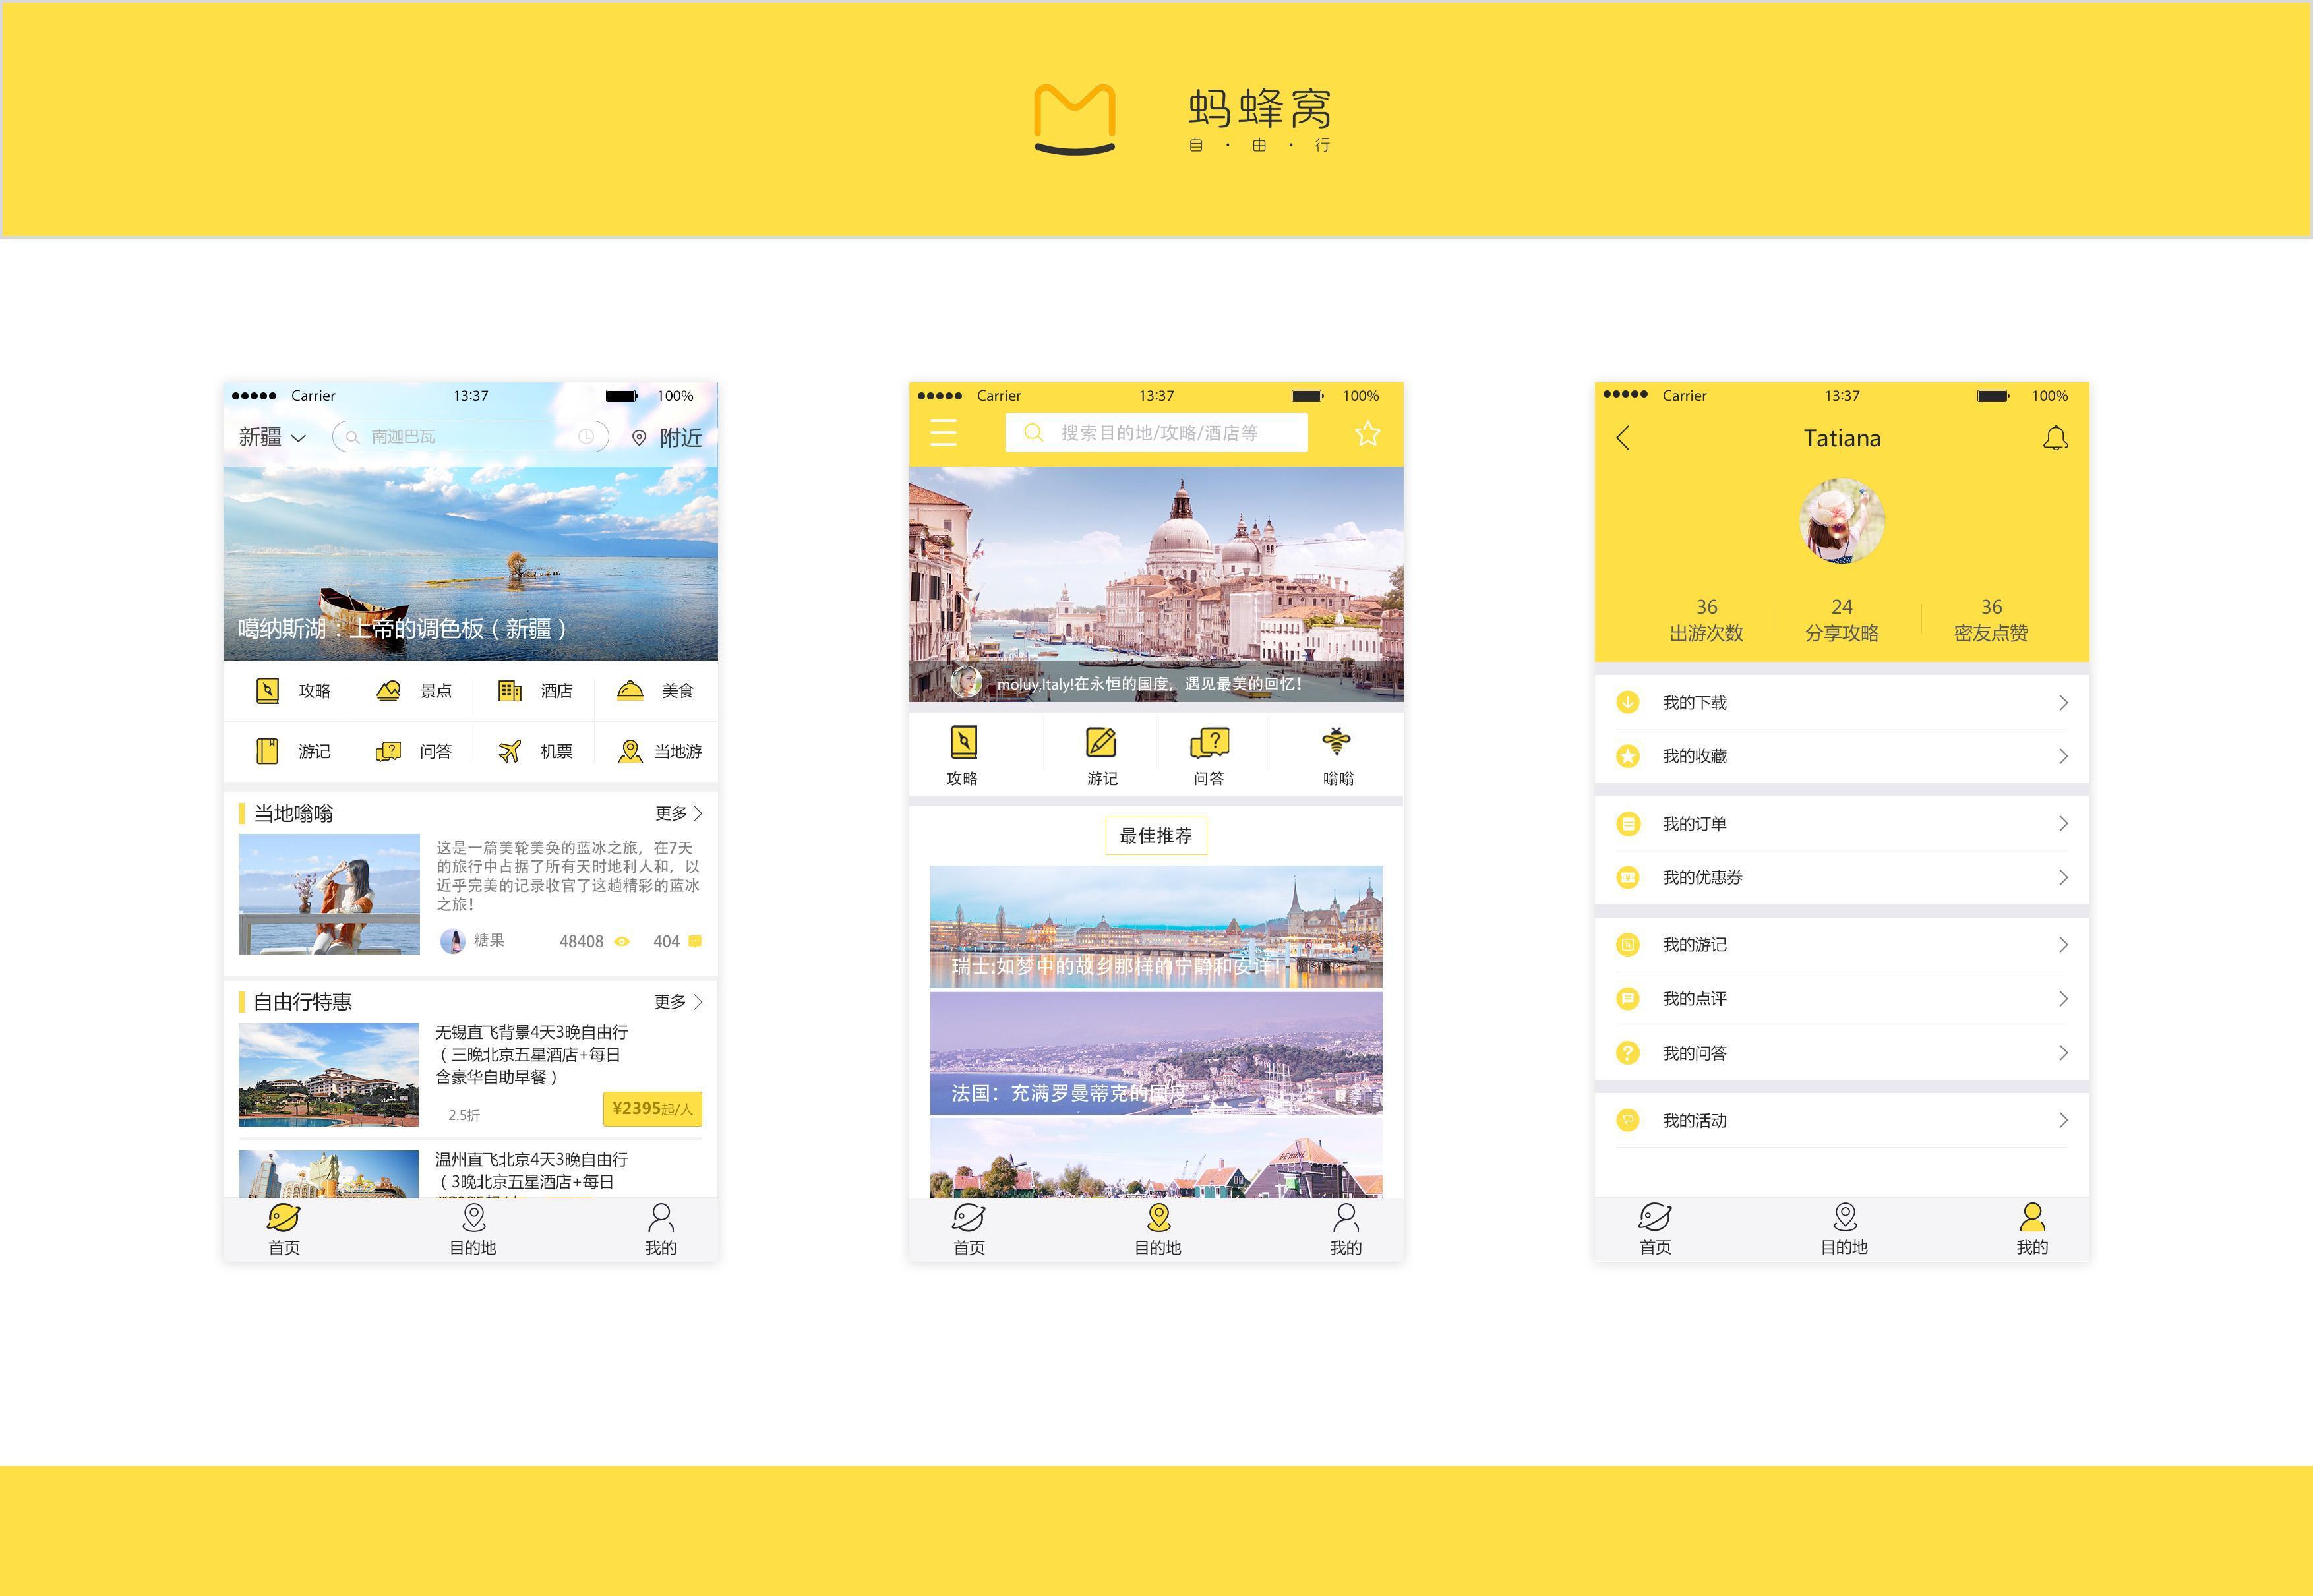 十一将至 为什么携程这类旅游App使用率较高?